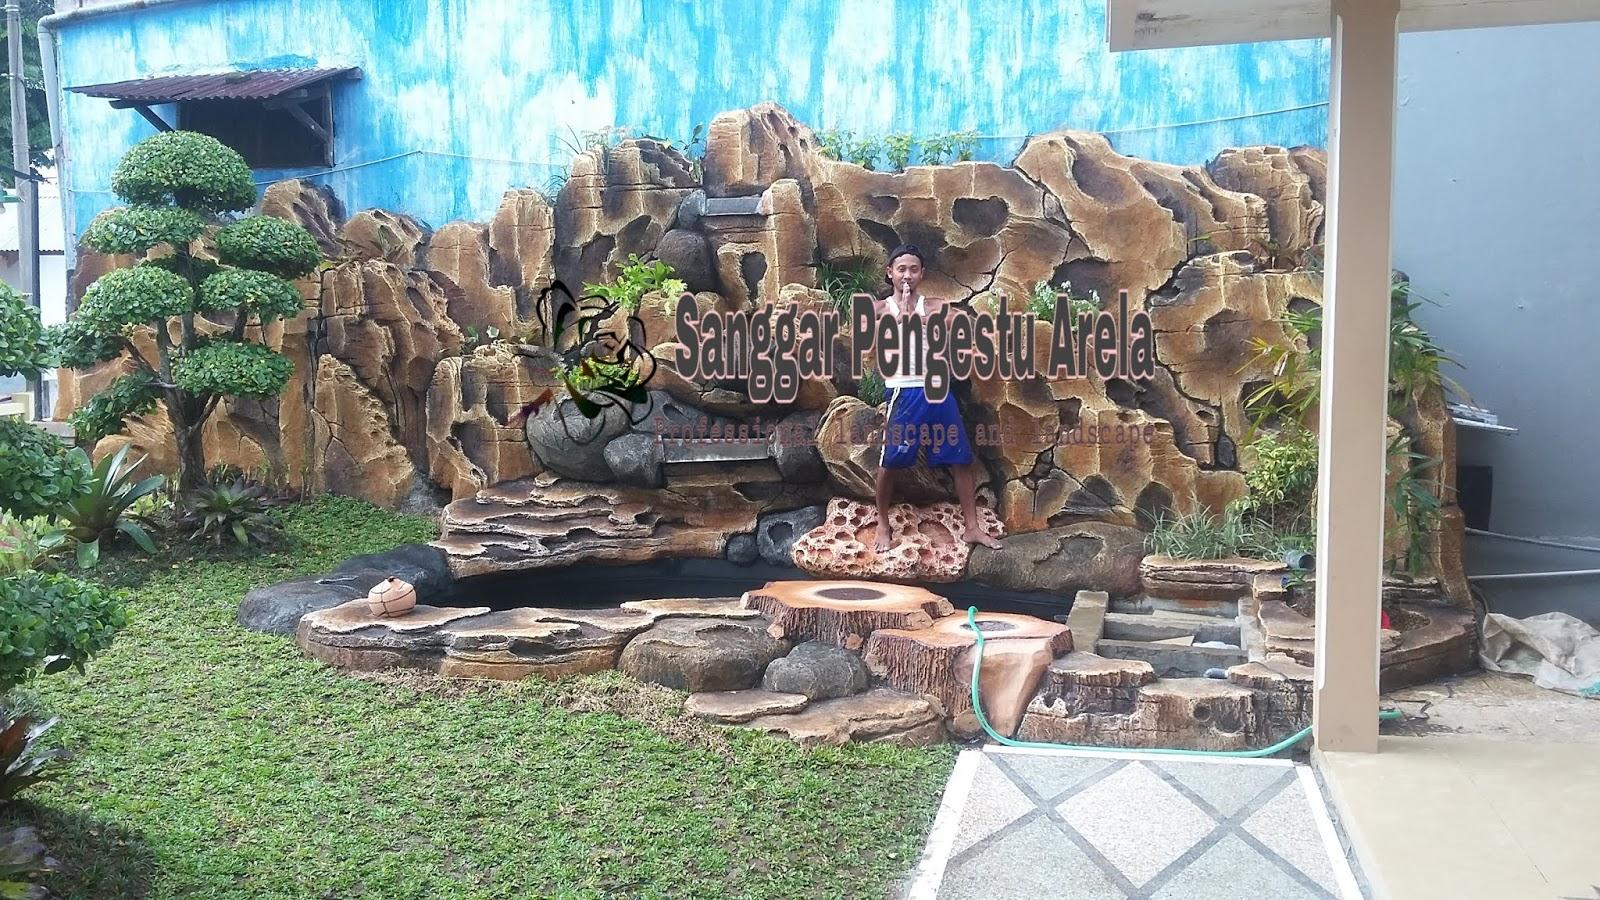 53 Gambar Taman Relief Air Terjun Paling Bagus